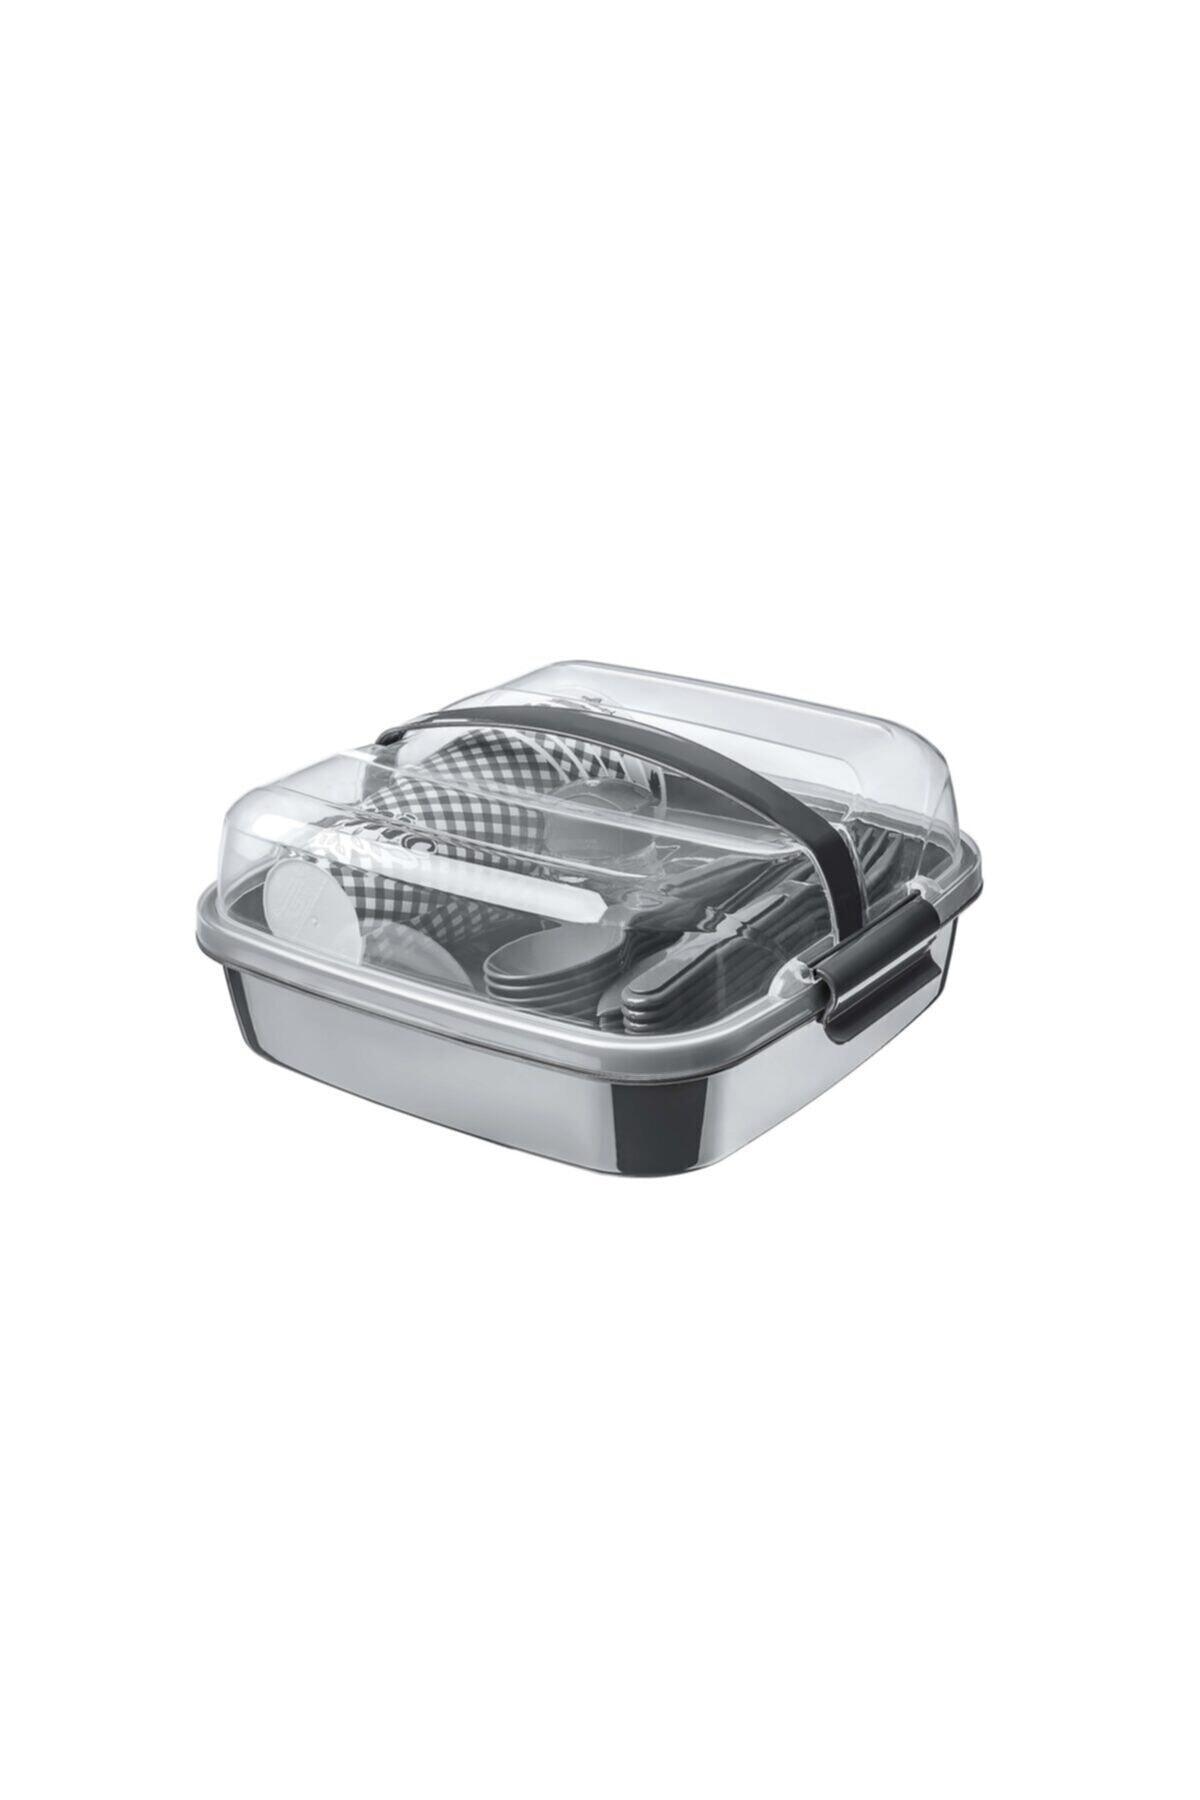 HIZLI TESLİMAT Lovely 32 Parça Piknik Seti - Içiçe Geçebilen Çatal Kaşık Bıçaklı Ap9146-gri